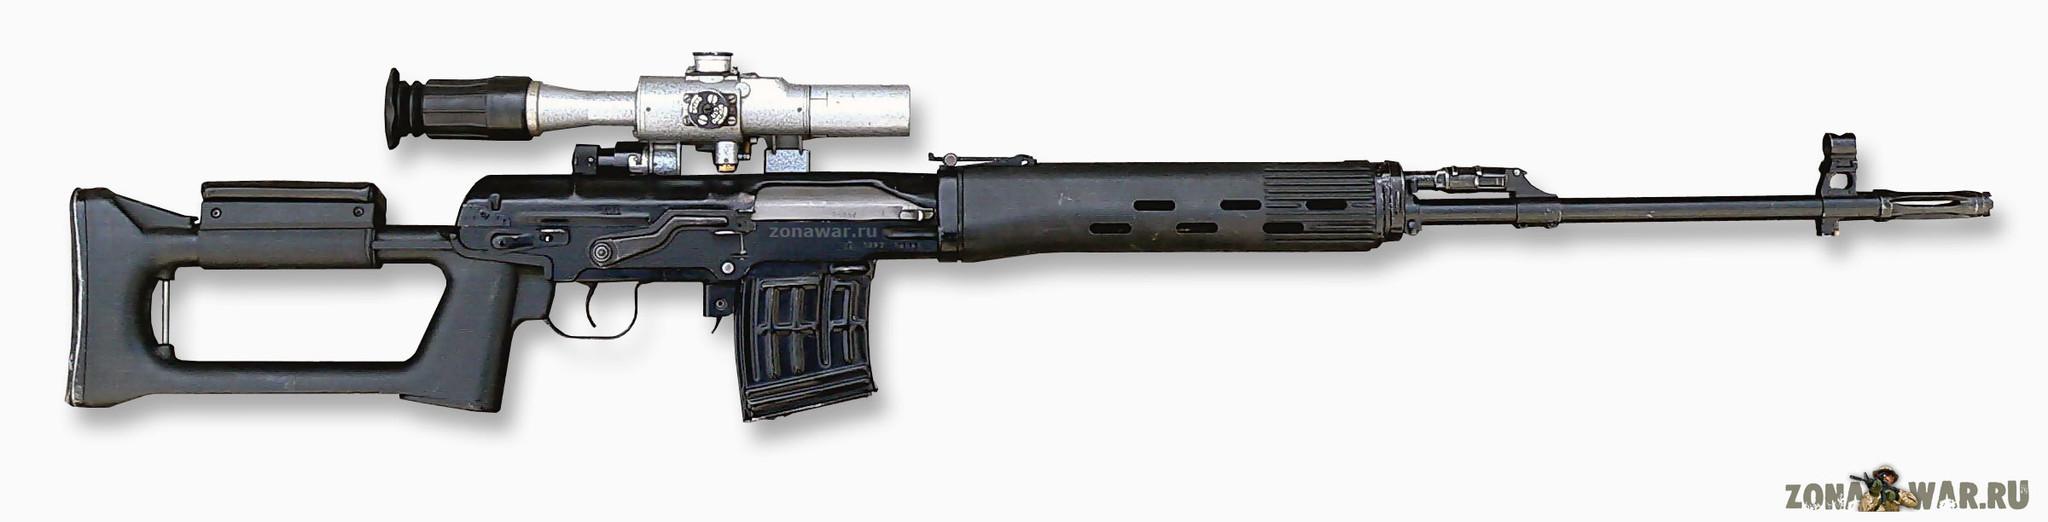 SVD Dragunov sniper rifle